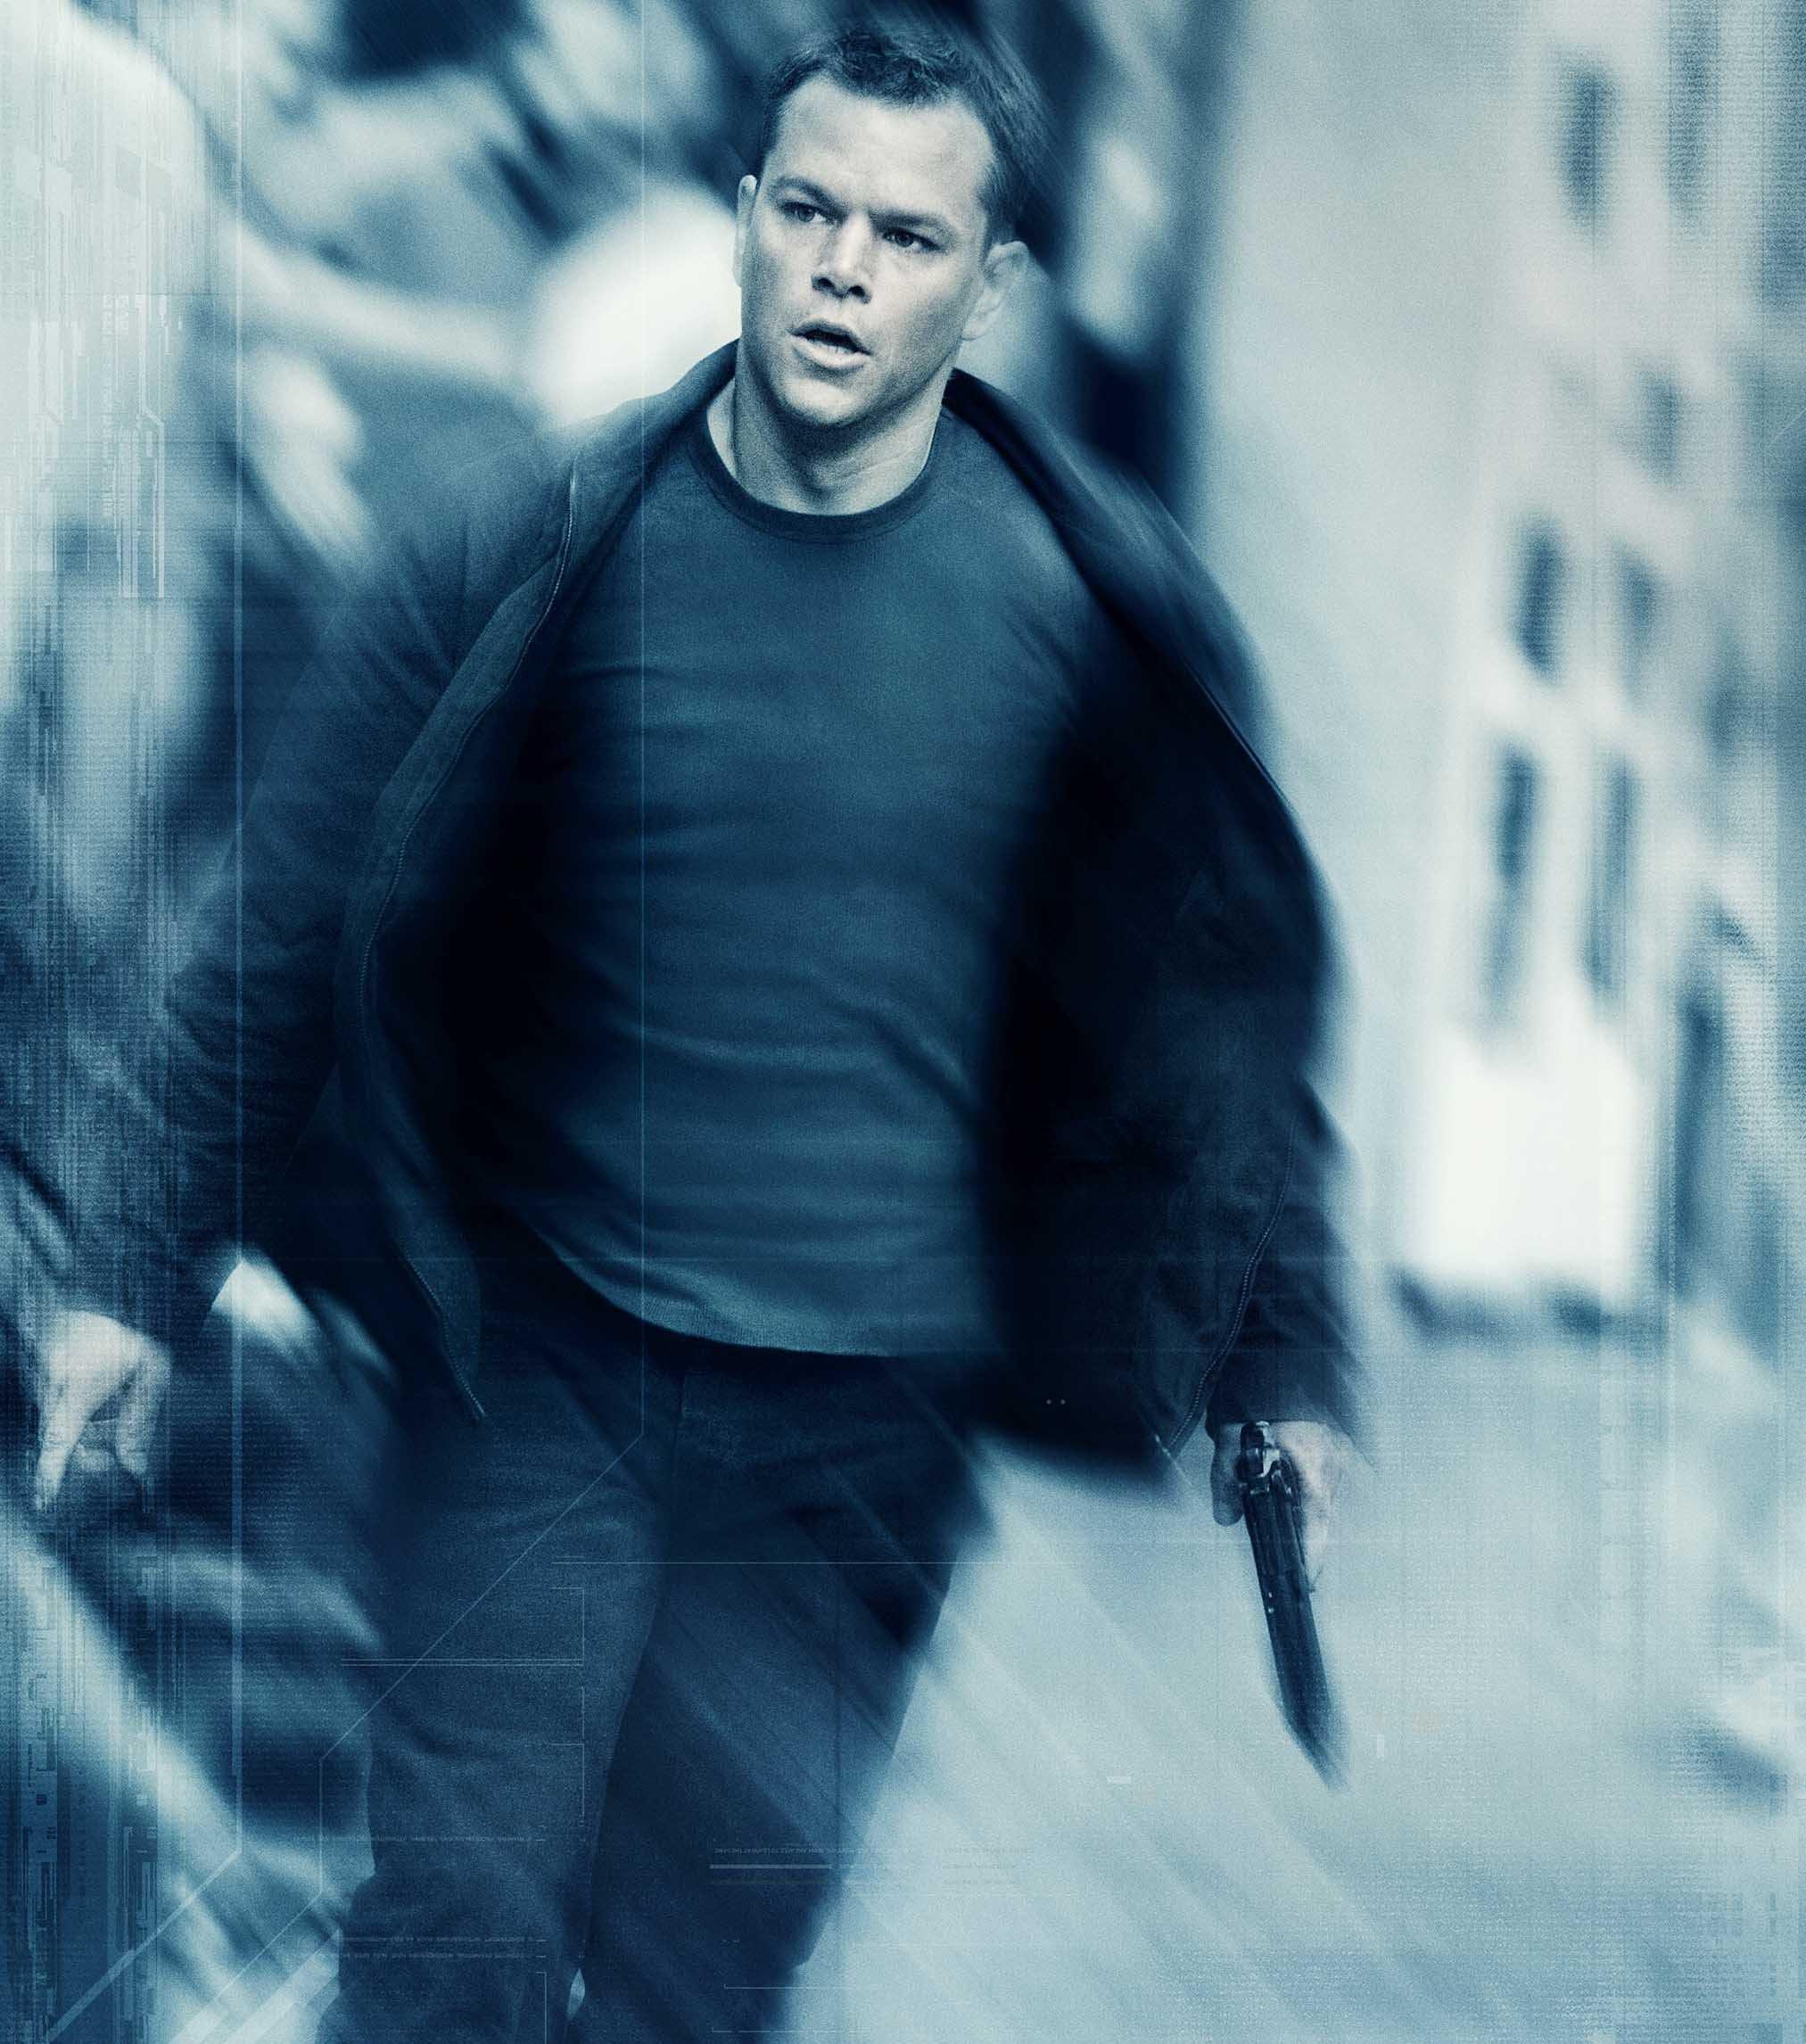 Image - Jason Bourne.j...